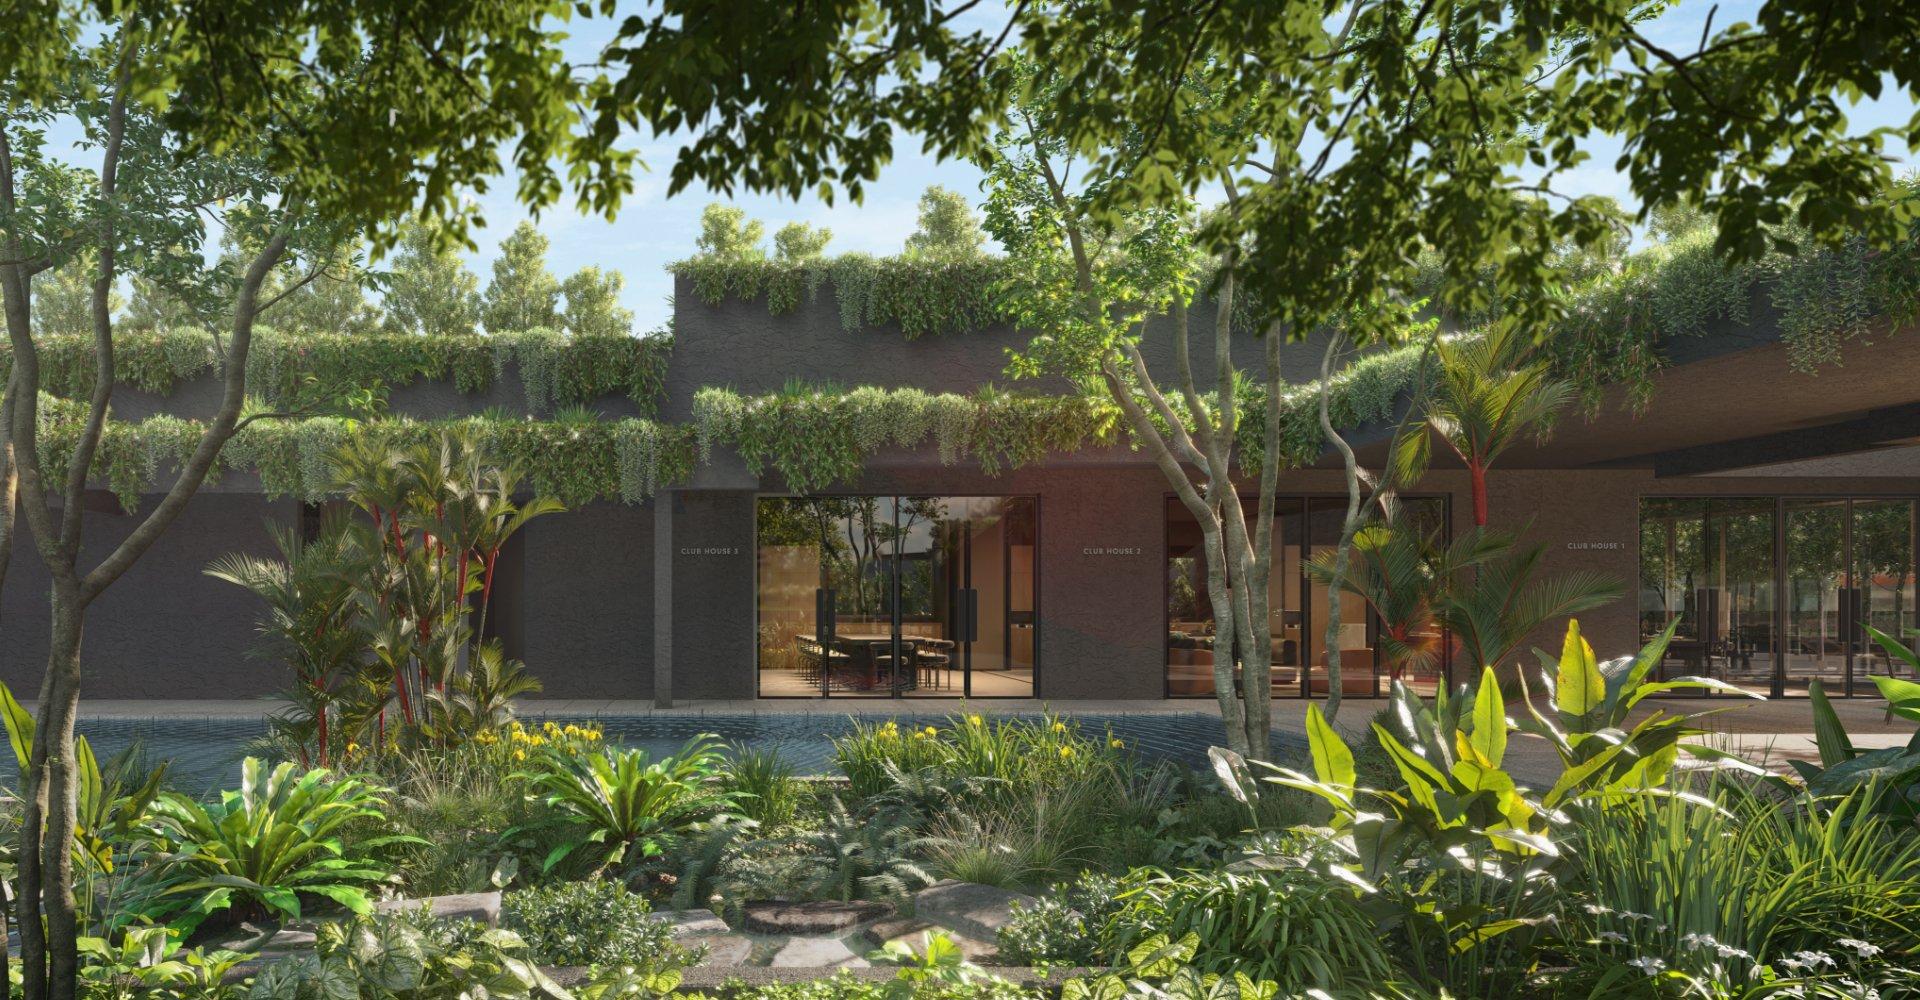 名汇庭苑: 让自然住进城市 19